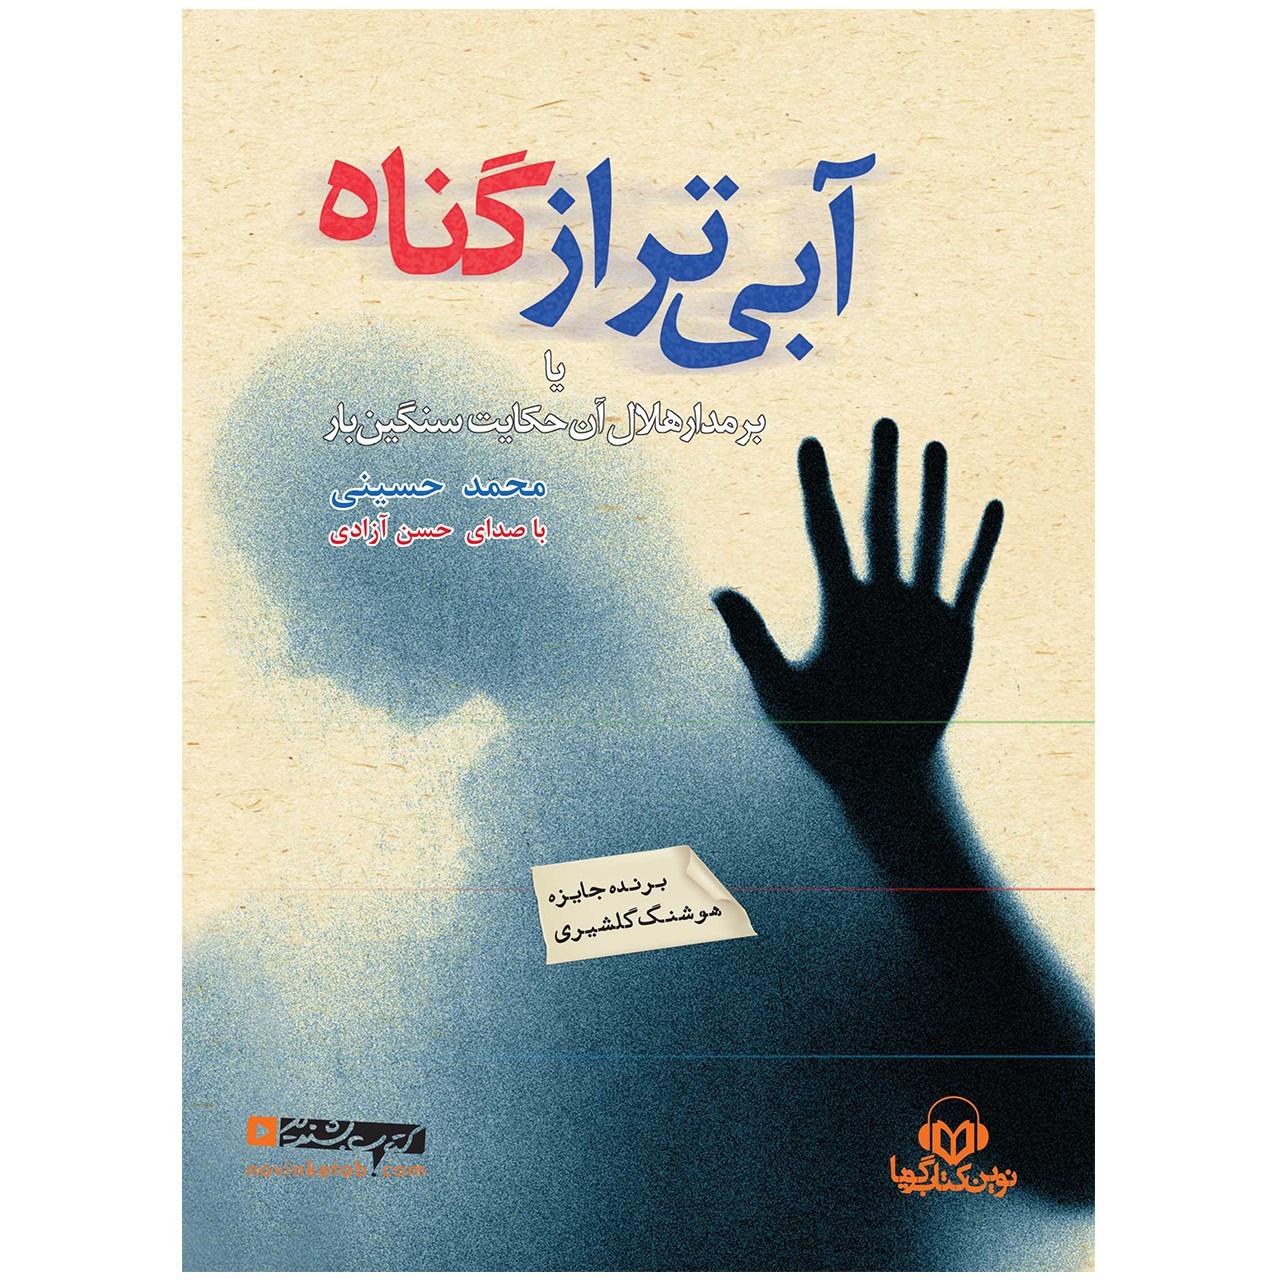 کتاب صوتی آبی تر از گناه اثر محمد حسینی